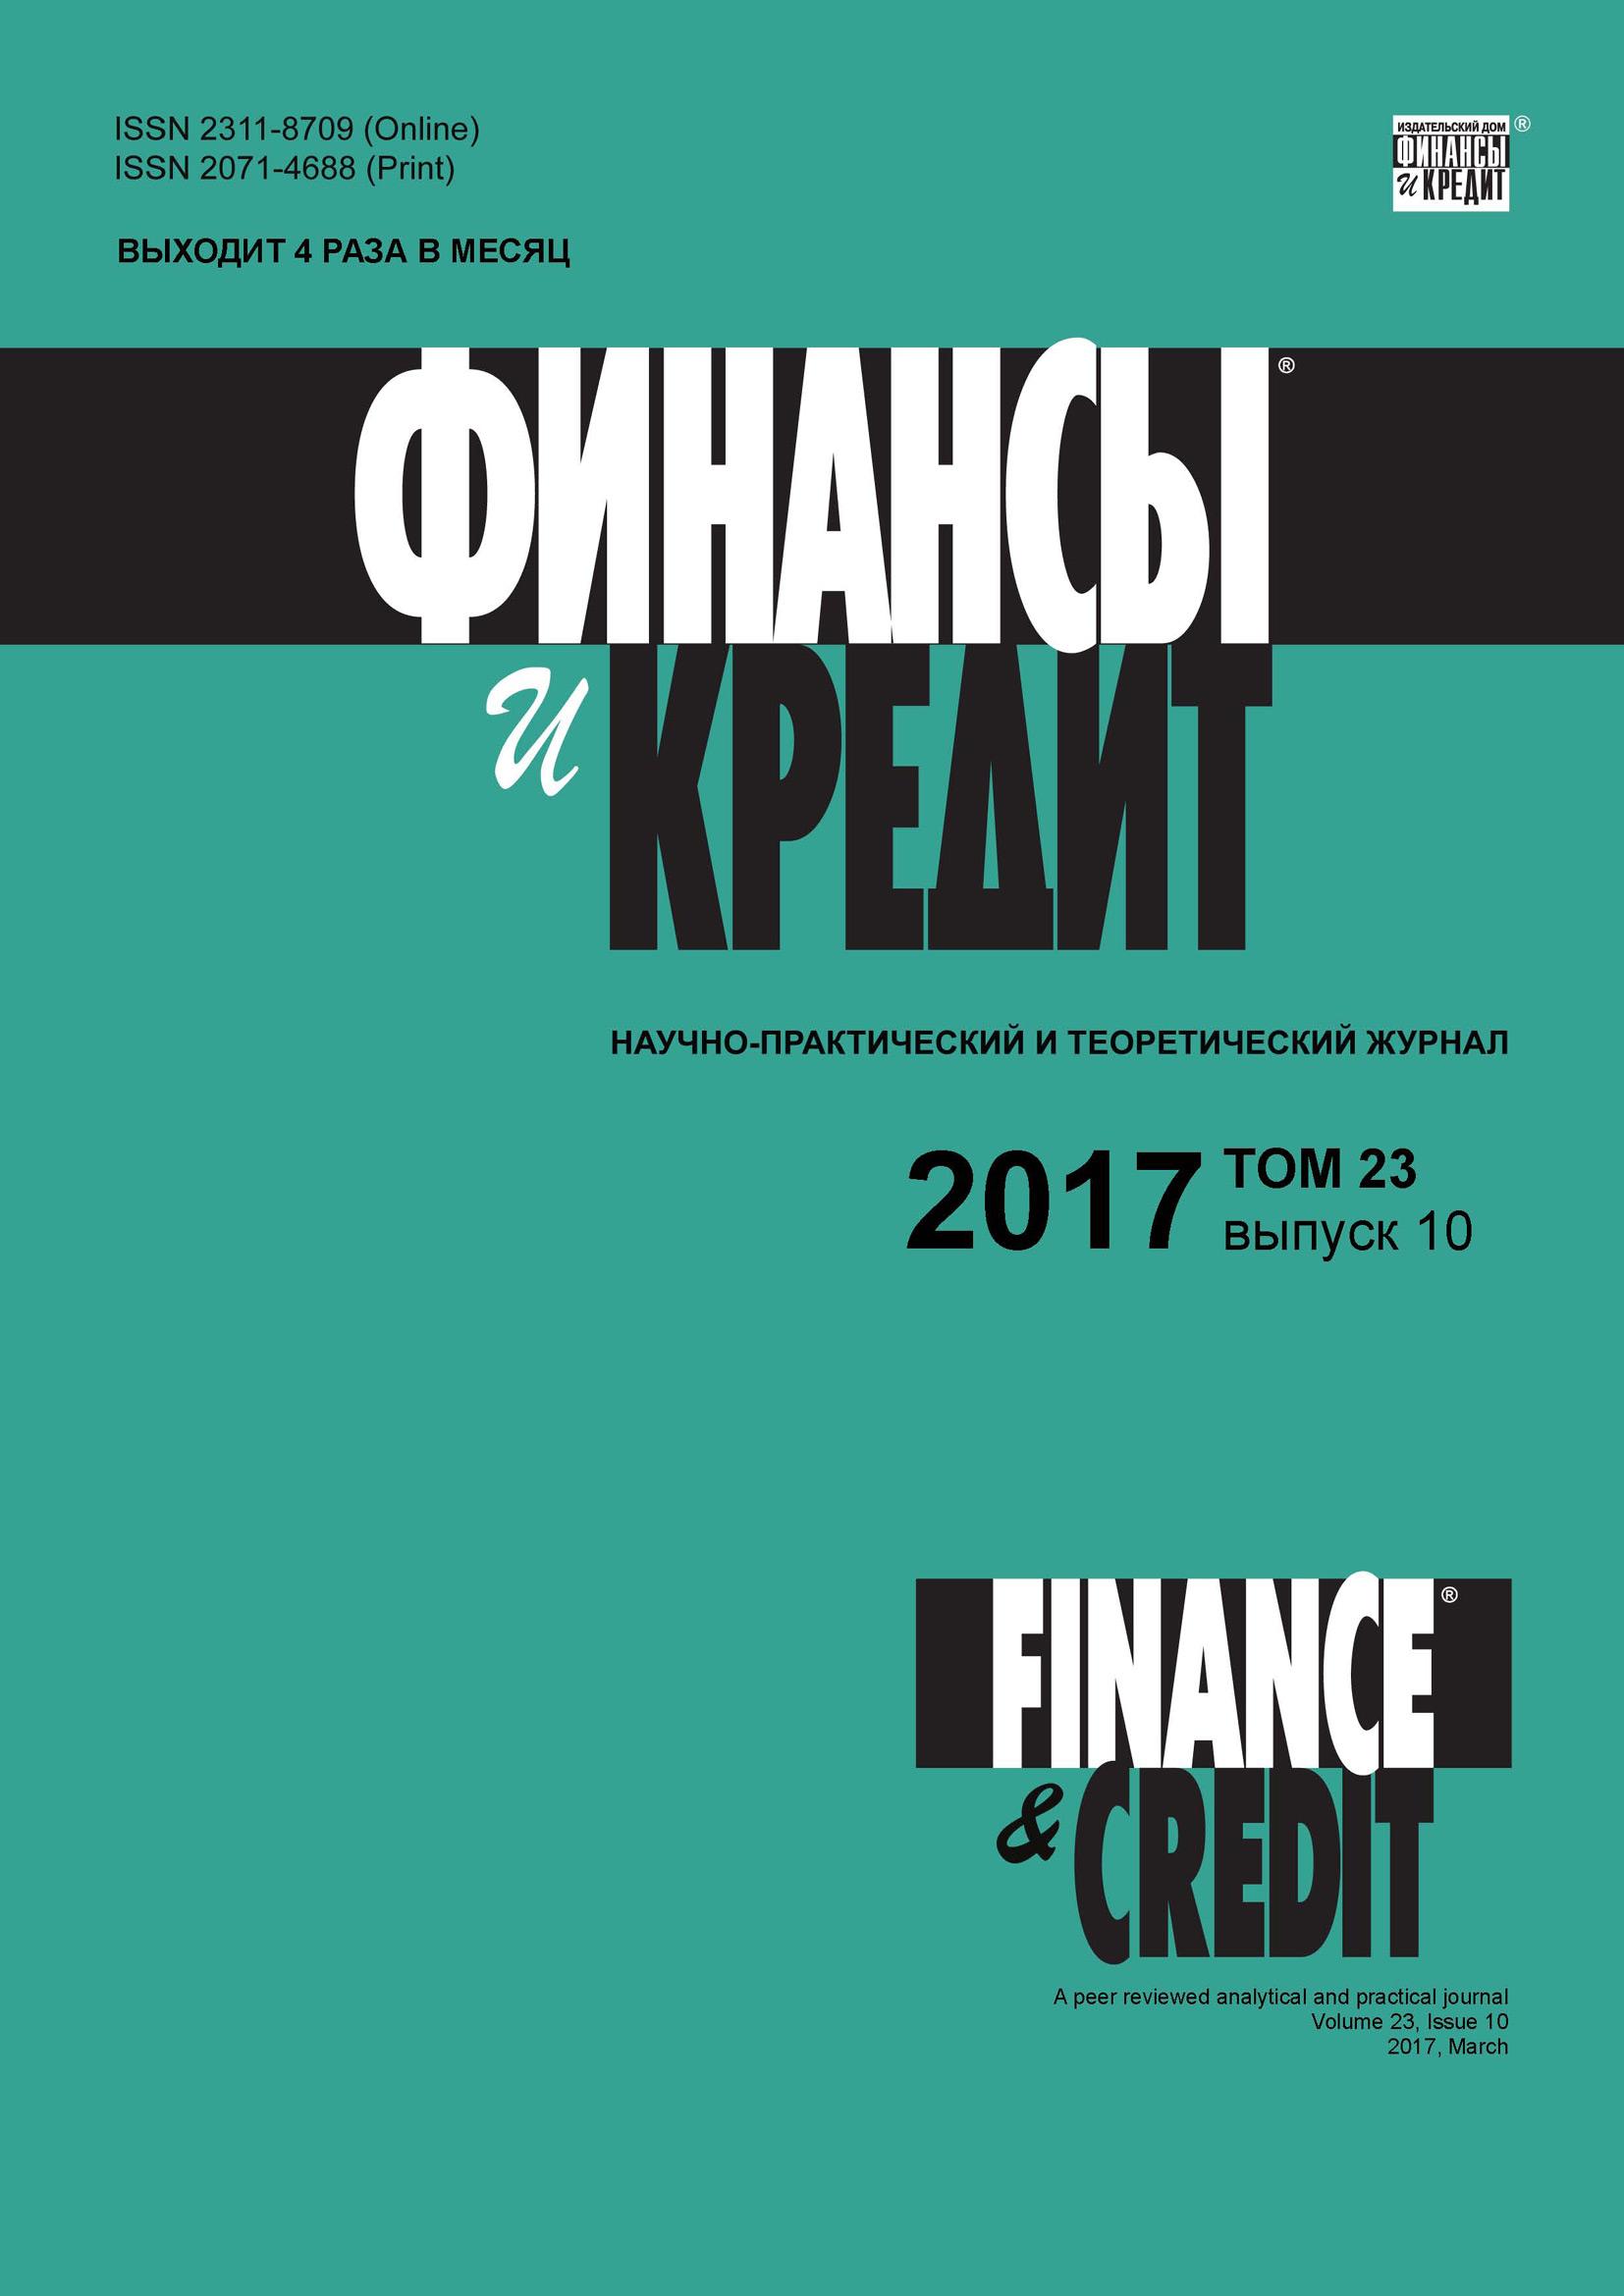 Финансы и Кредит № 10 2017